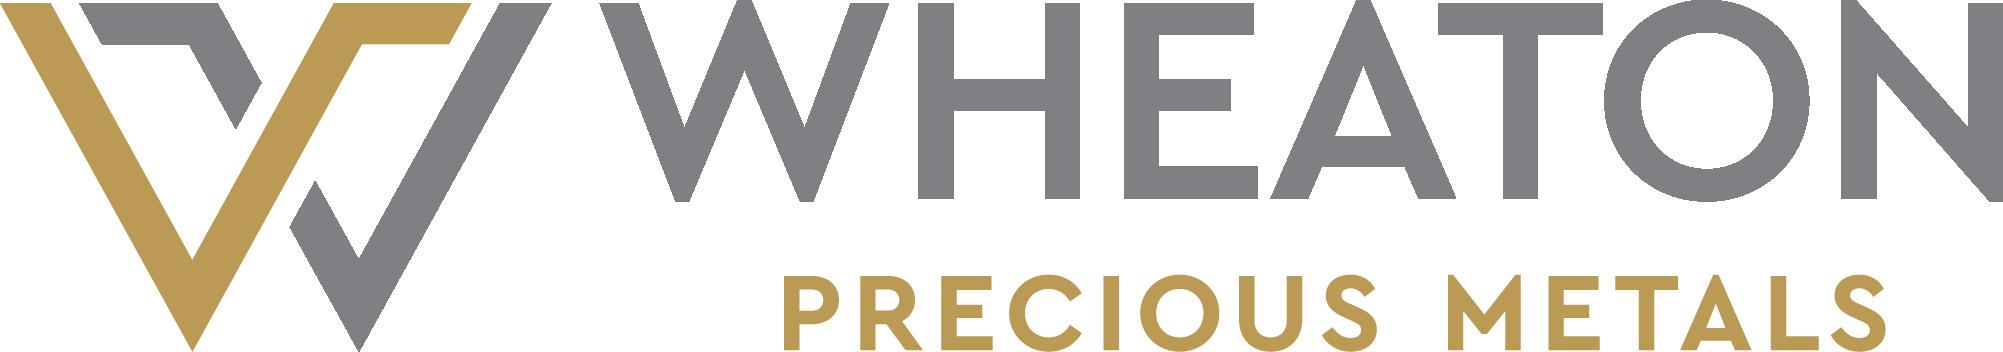 WHEATON PRECIOUS METALS CORP. Logo